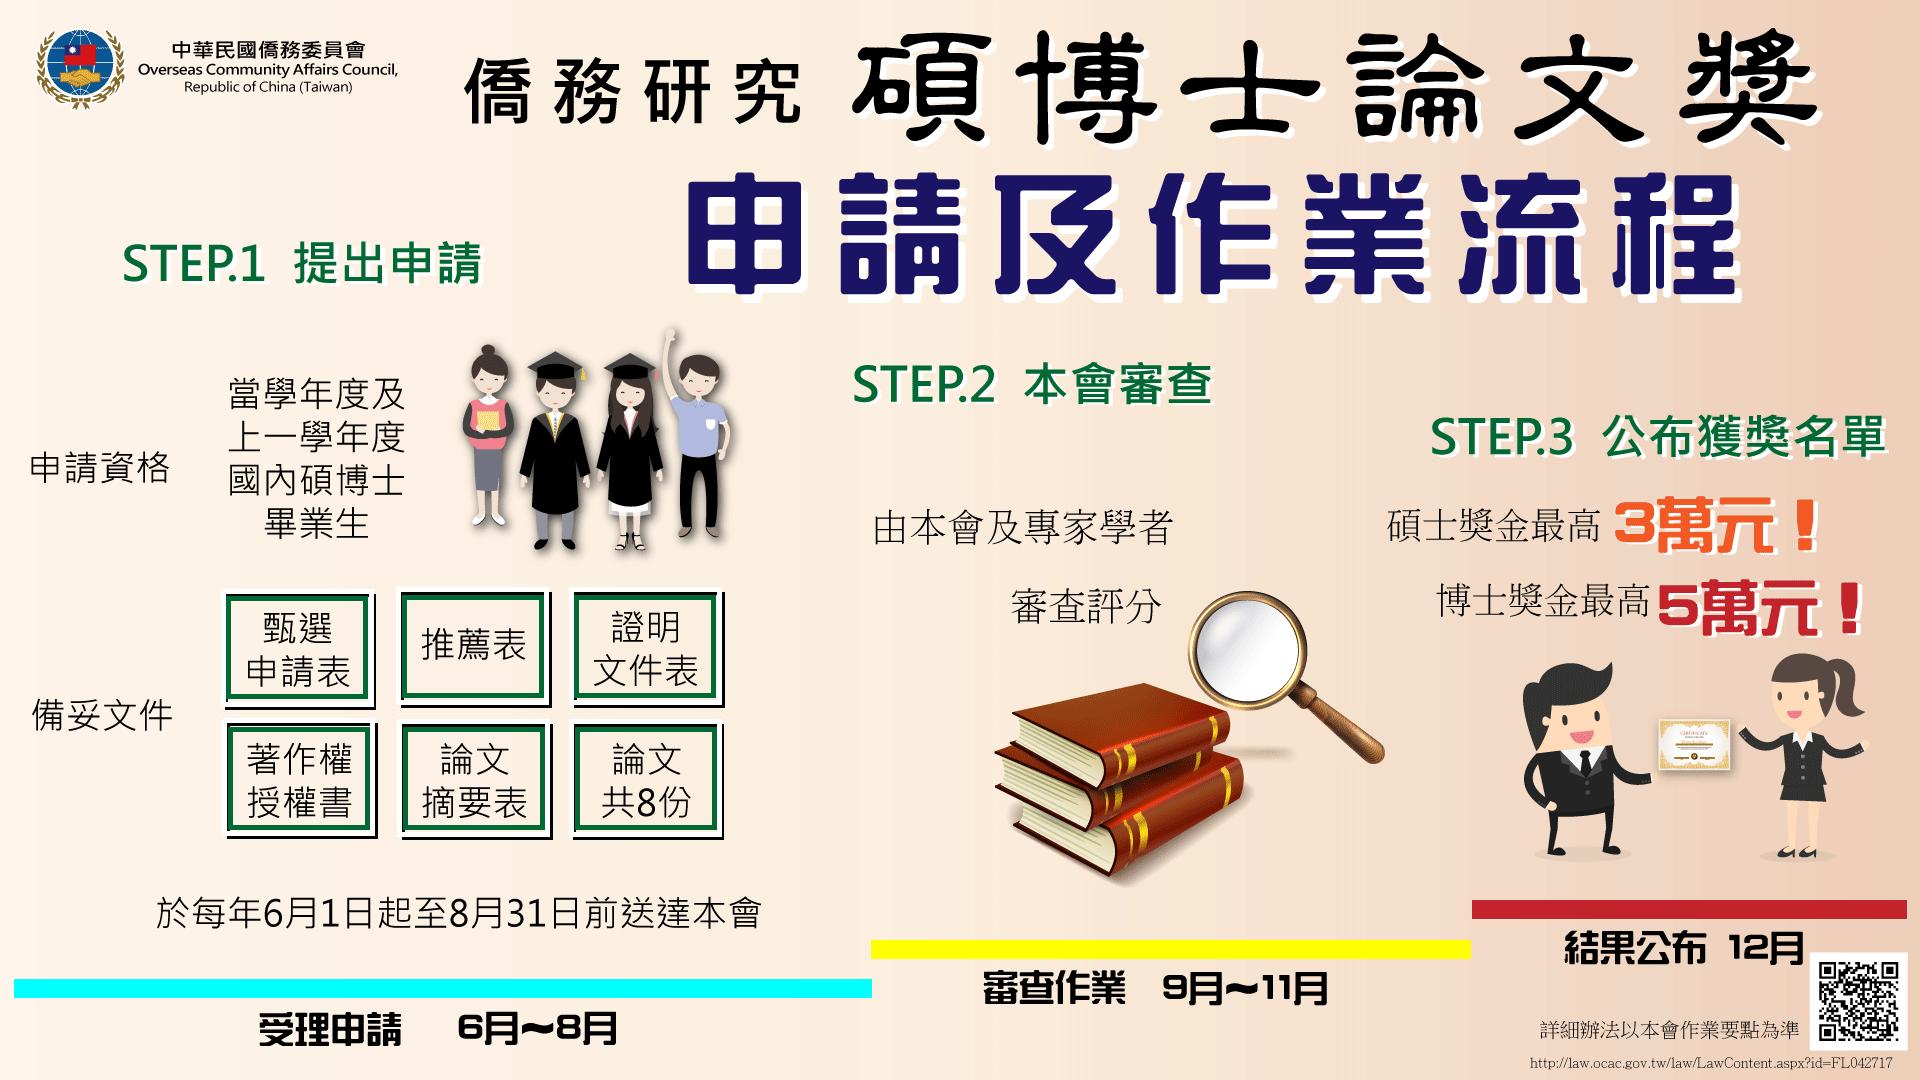 碩博士論文獎申請及作業流程